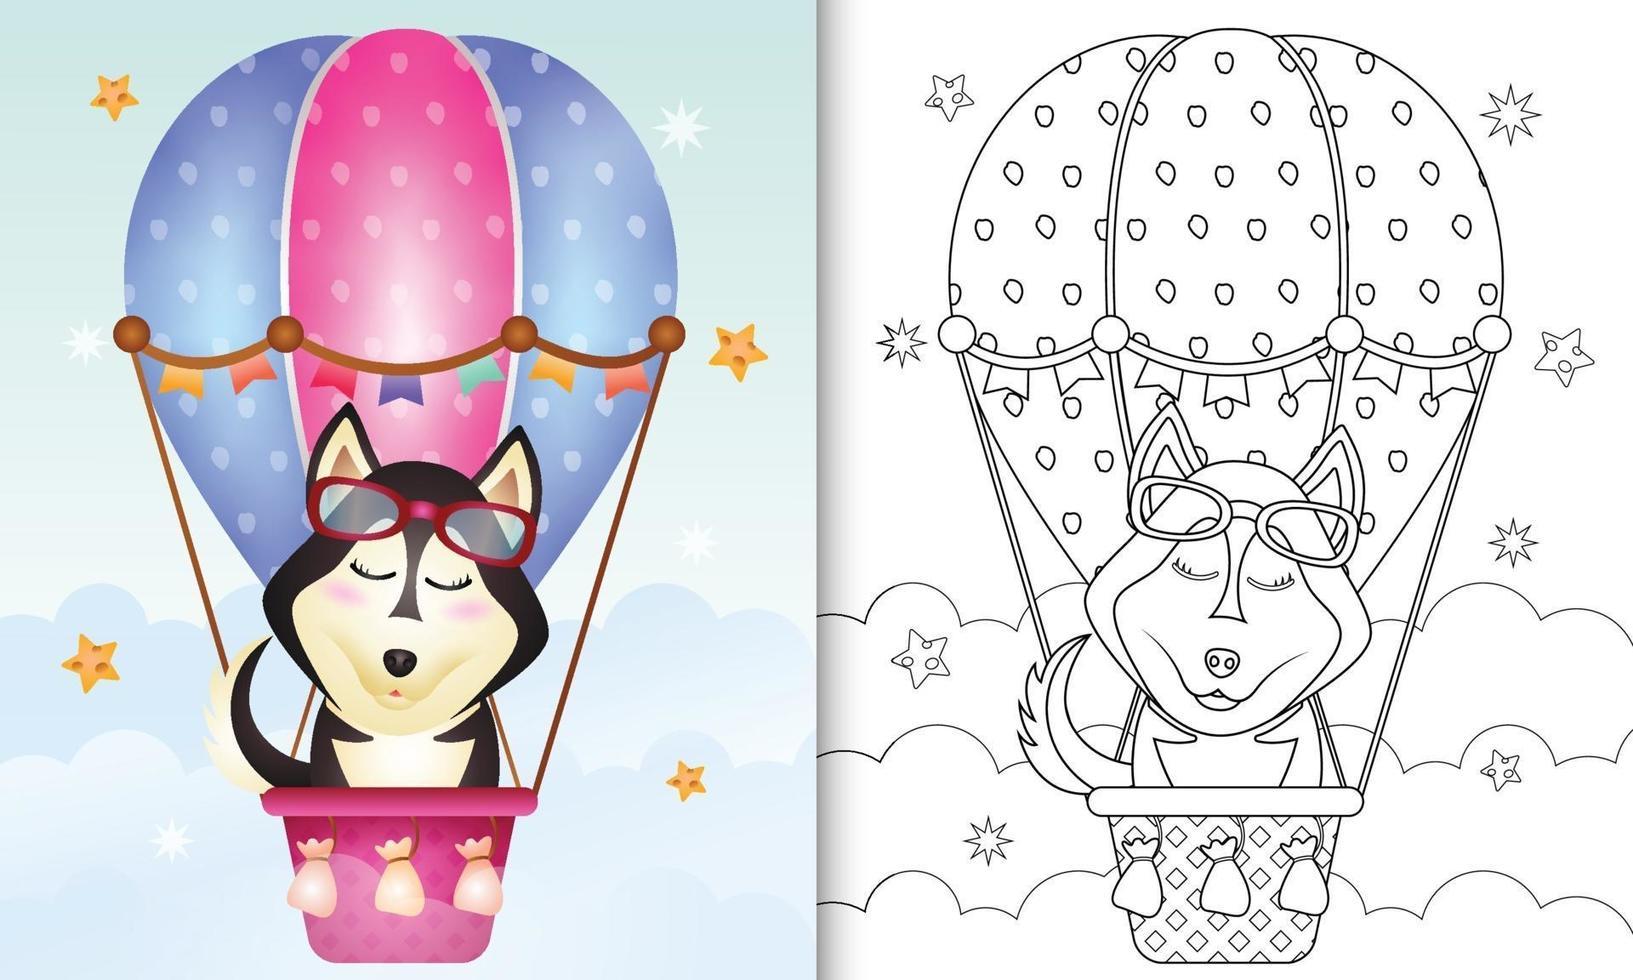 Malbuch für Kinder mit einem niedlichen Husky-Hund auf Heißluftballon vektor